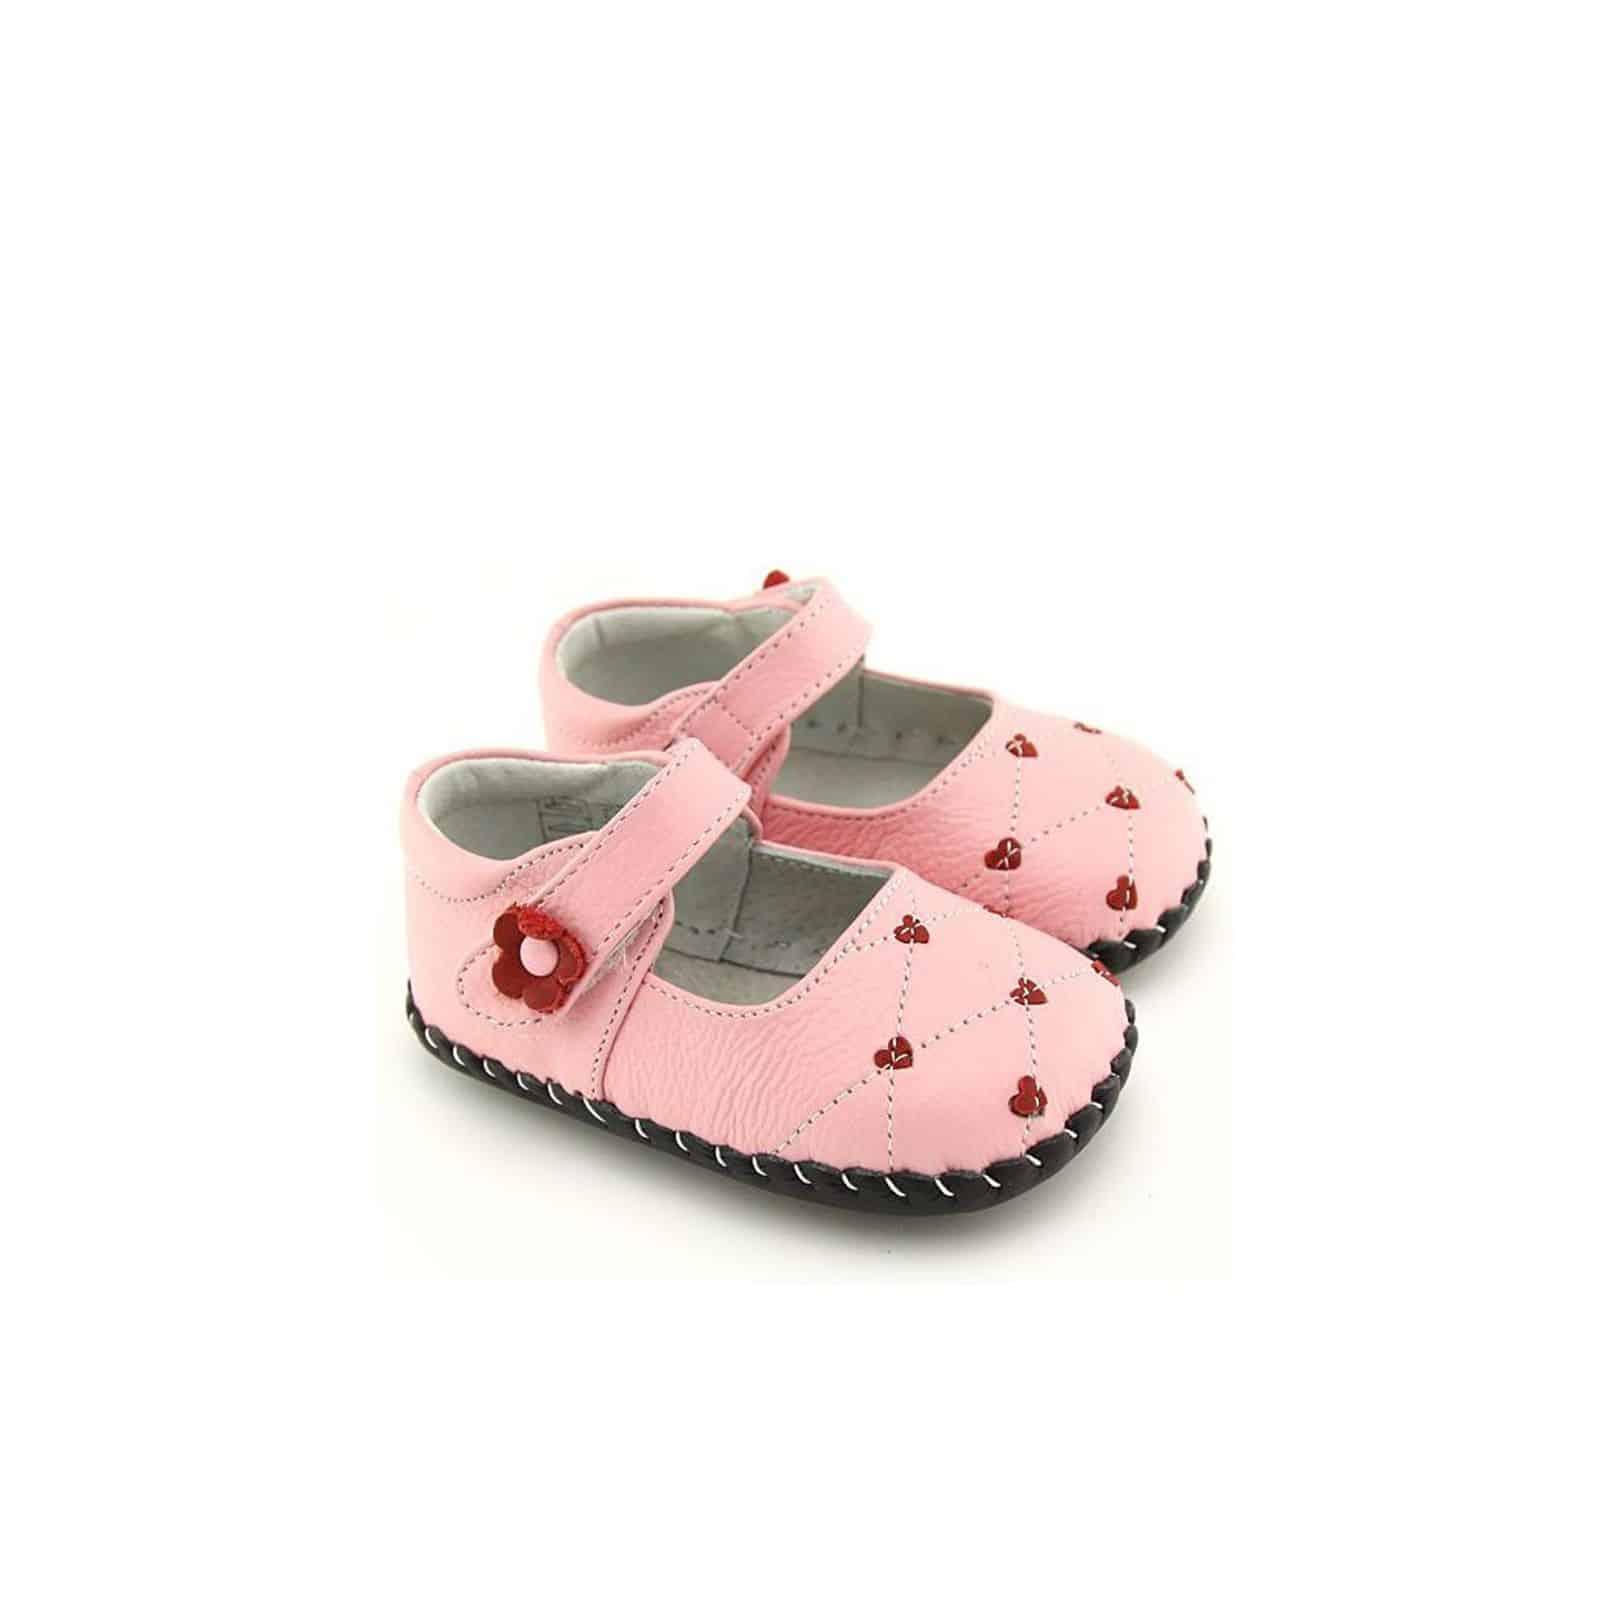 bdcae4270f99c Chaussons bébé cuir souple apprentissage de la marche